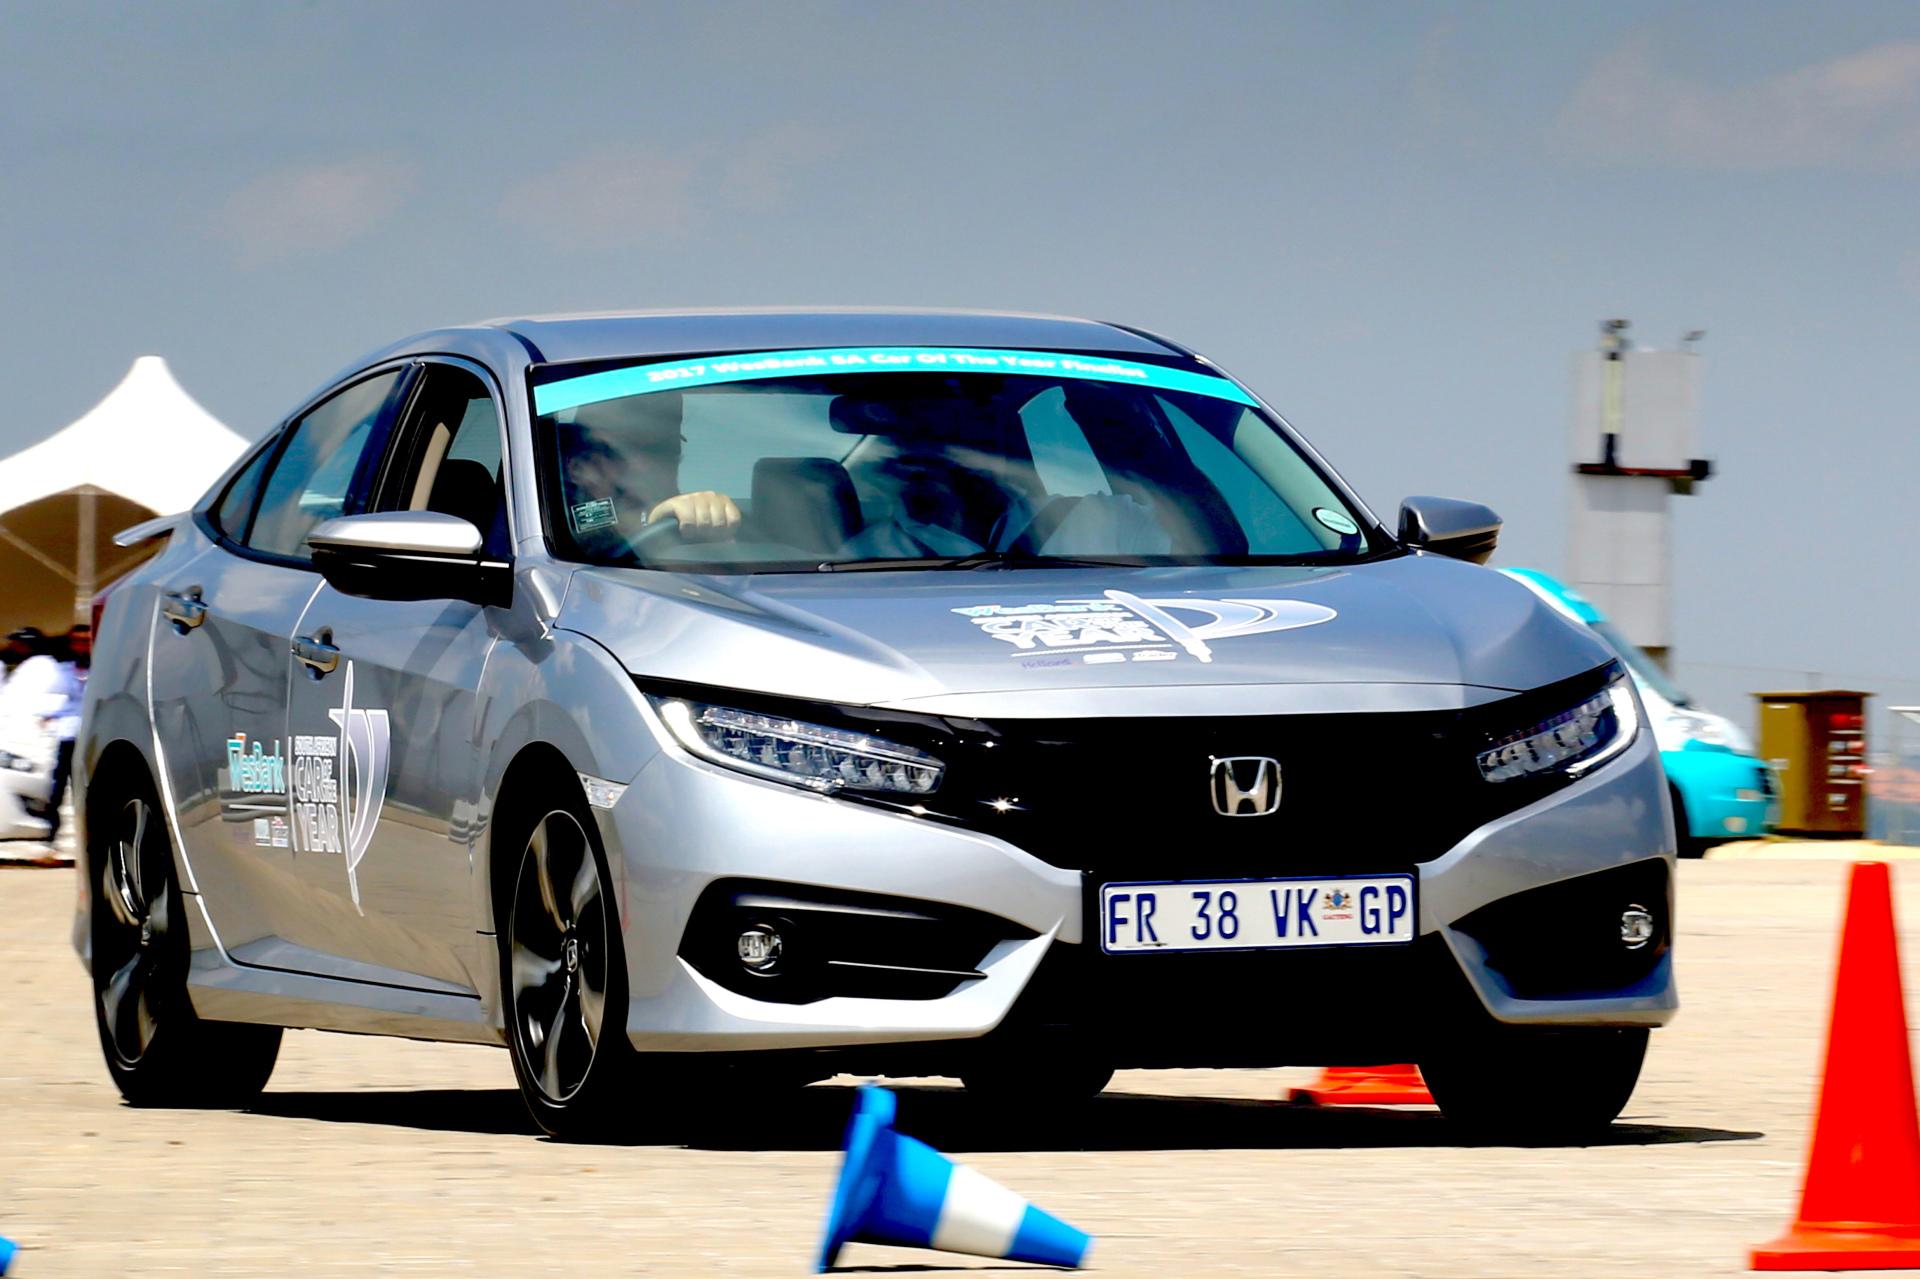 Honda Civic 1.5T Sport CVT. Image - Inga Hendricks